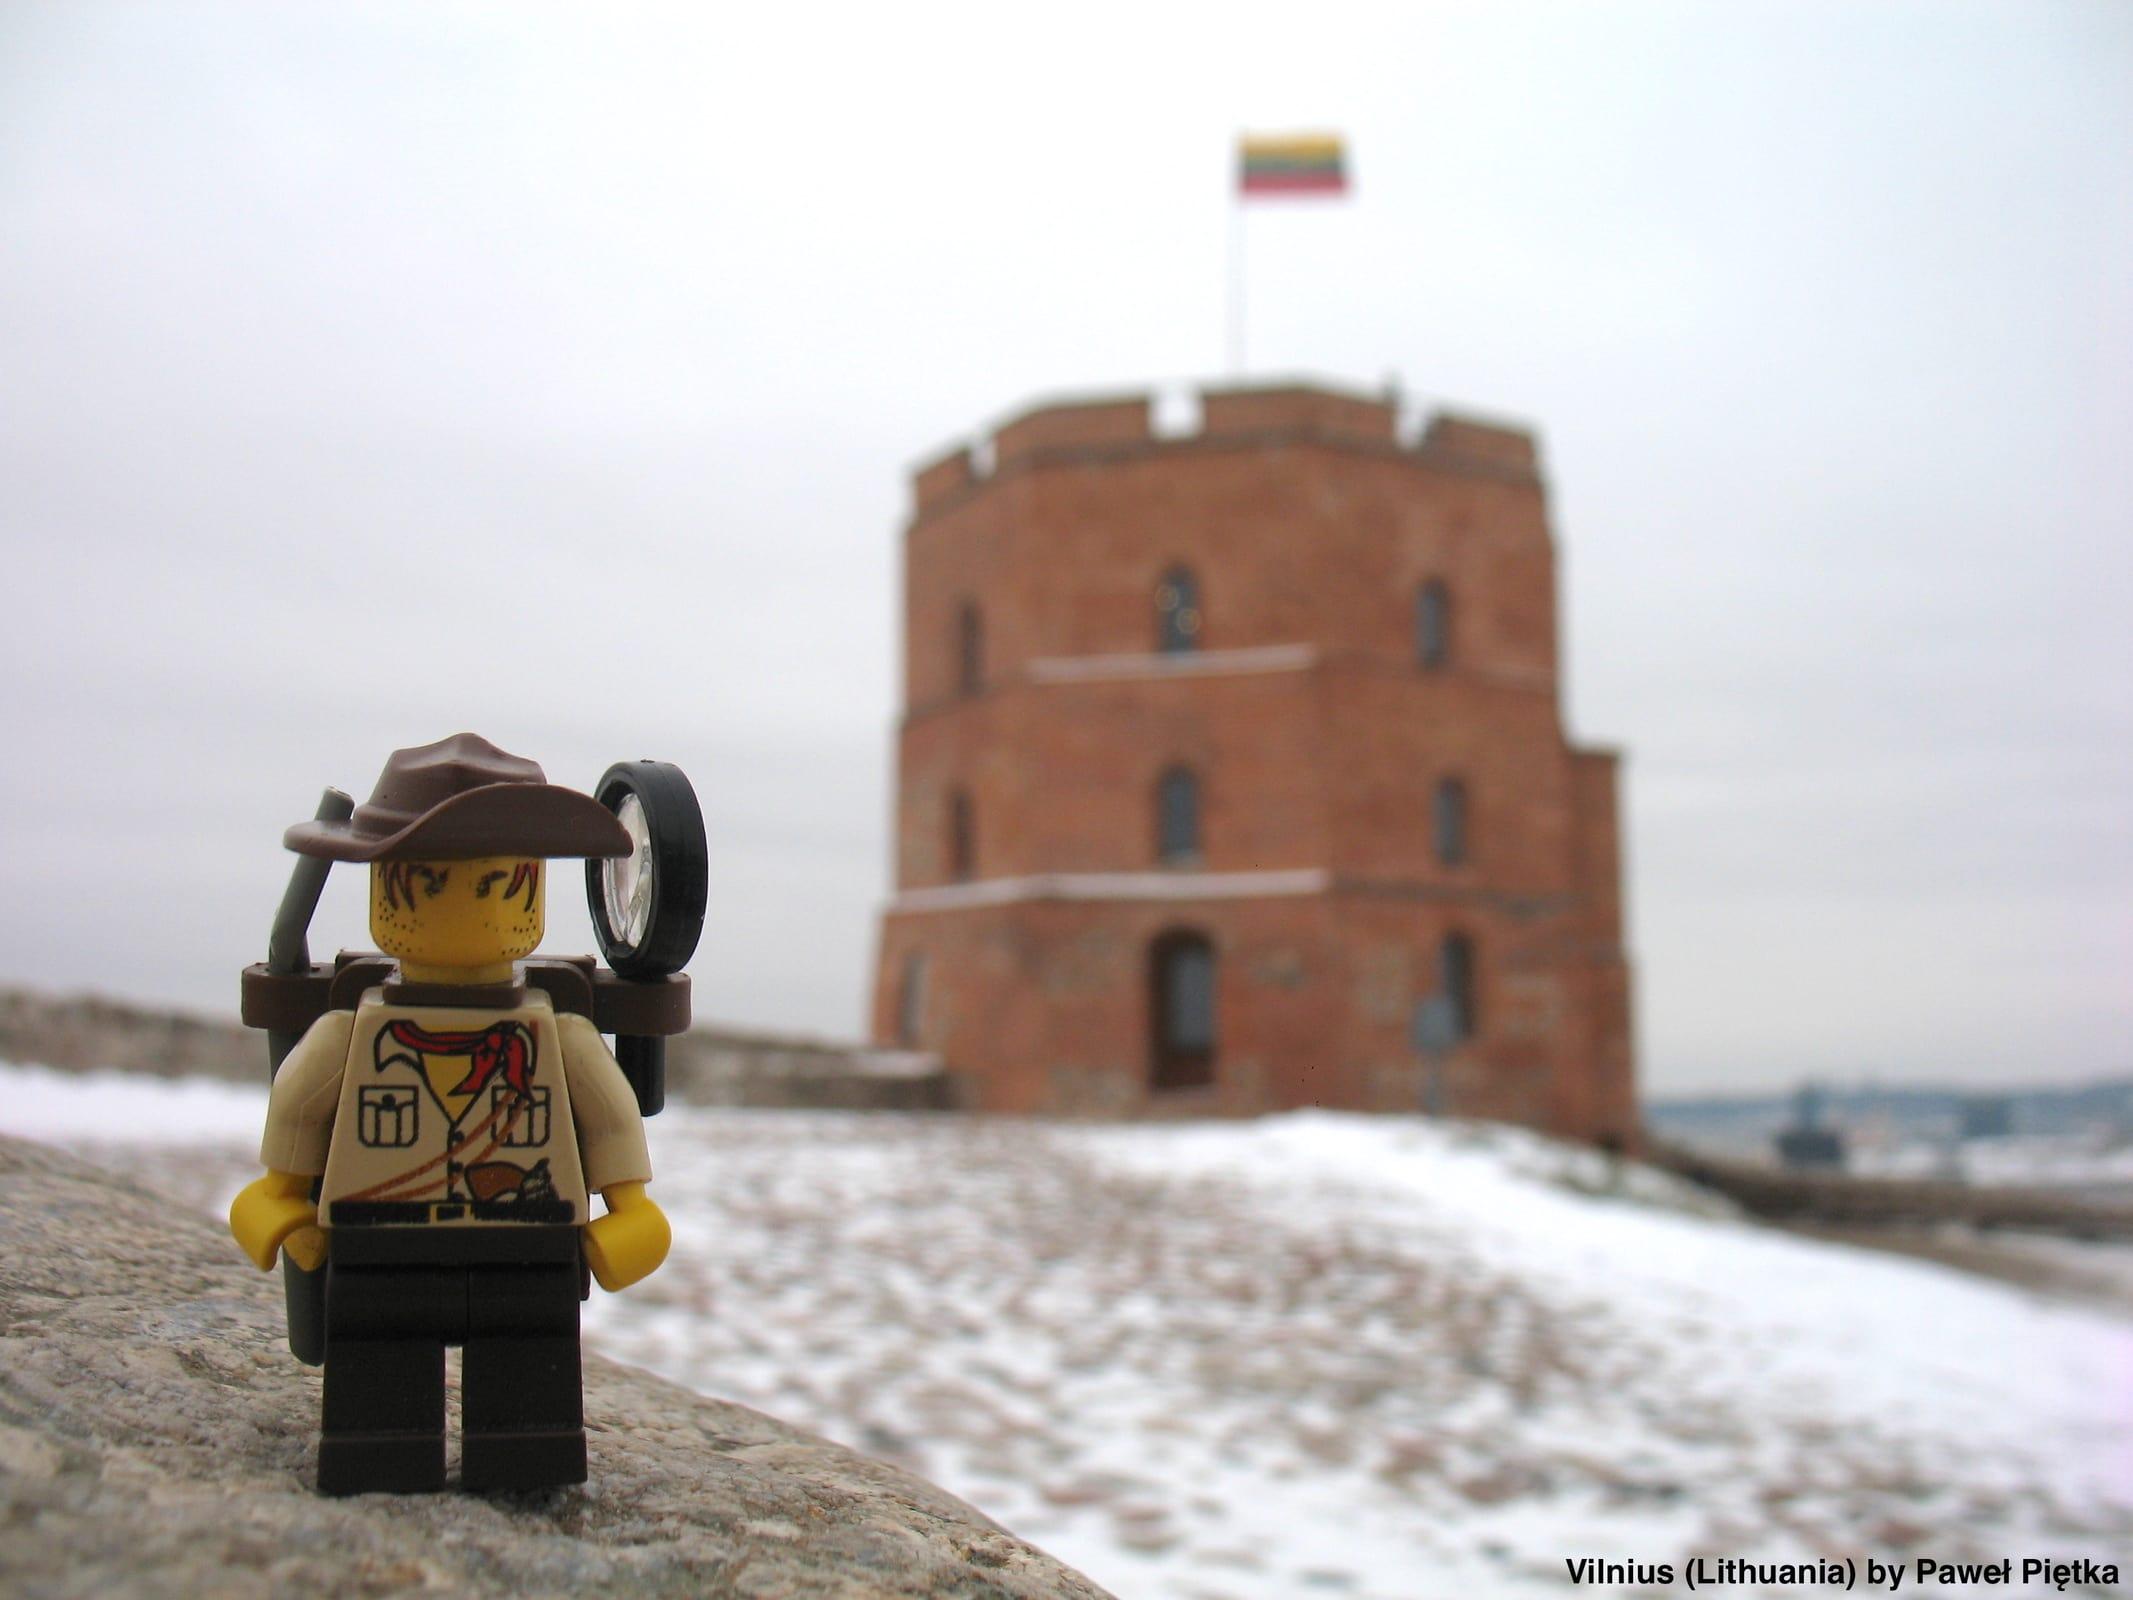 Vilnius (Lithuania) - Gediminas Tower